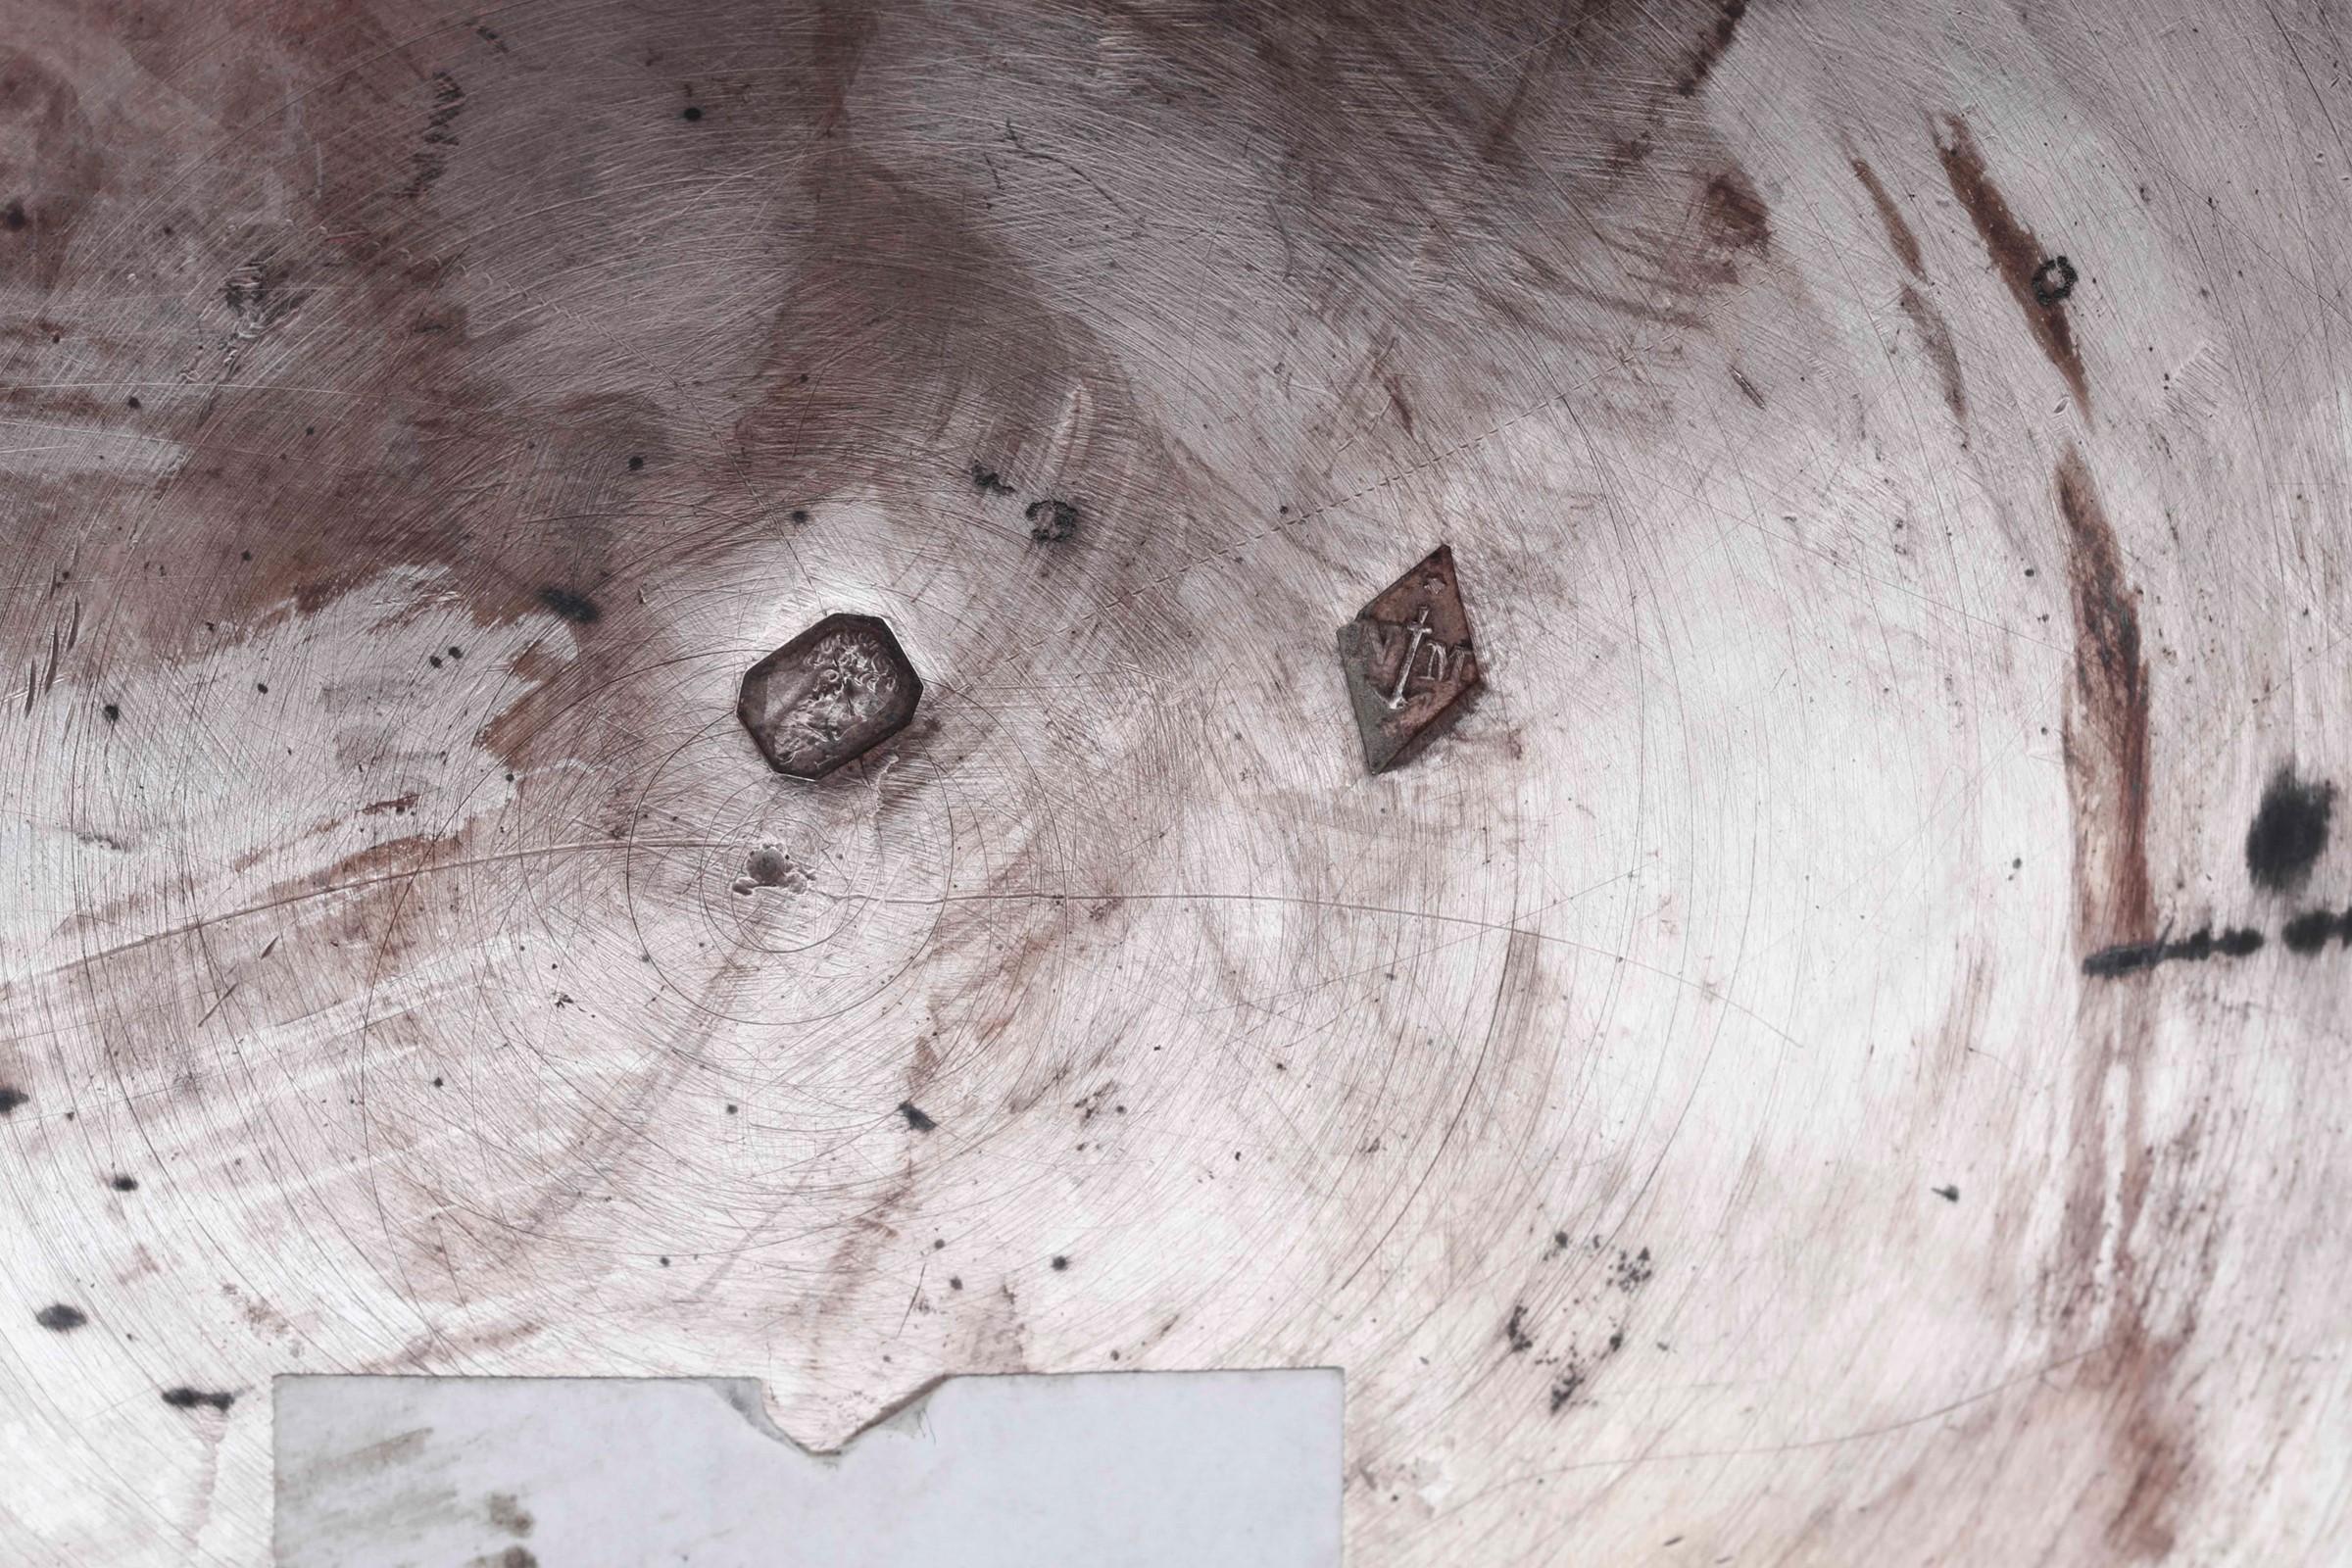 Rinfrescatoio in argento primo titolo fuso, sbalzato e cesellato. Parigi 1819-1838. [...] - Image 4 of 4